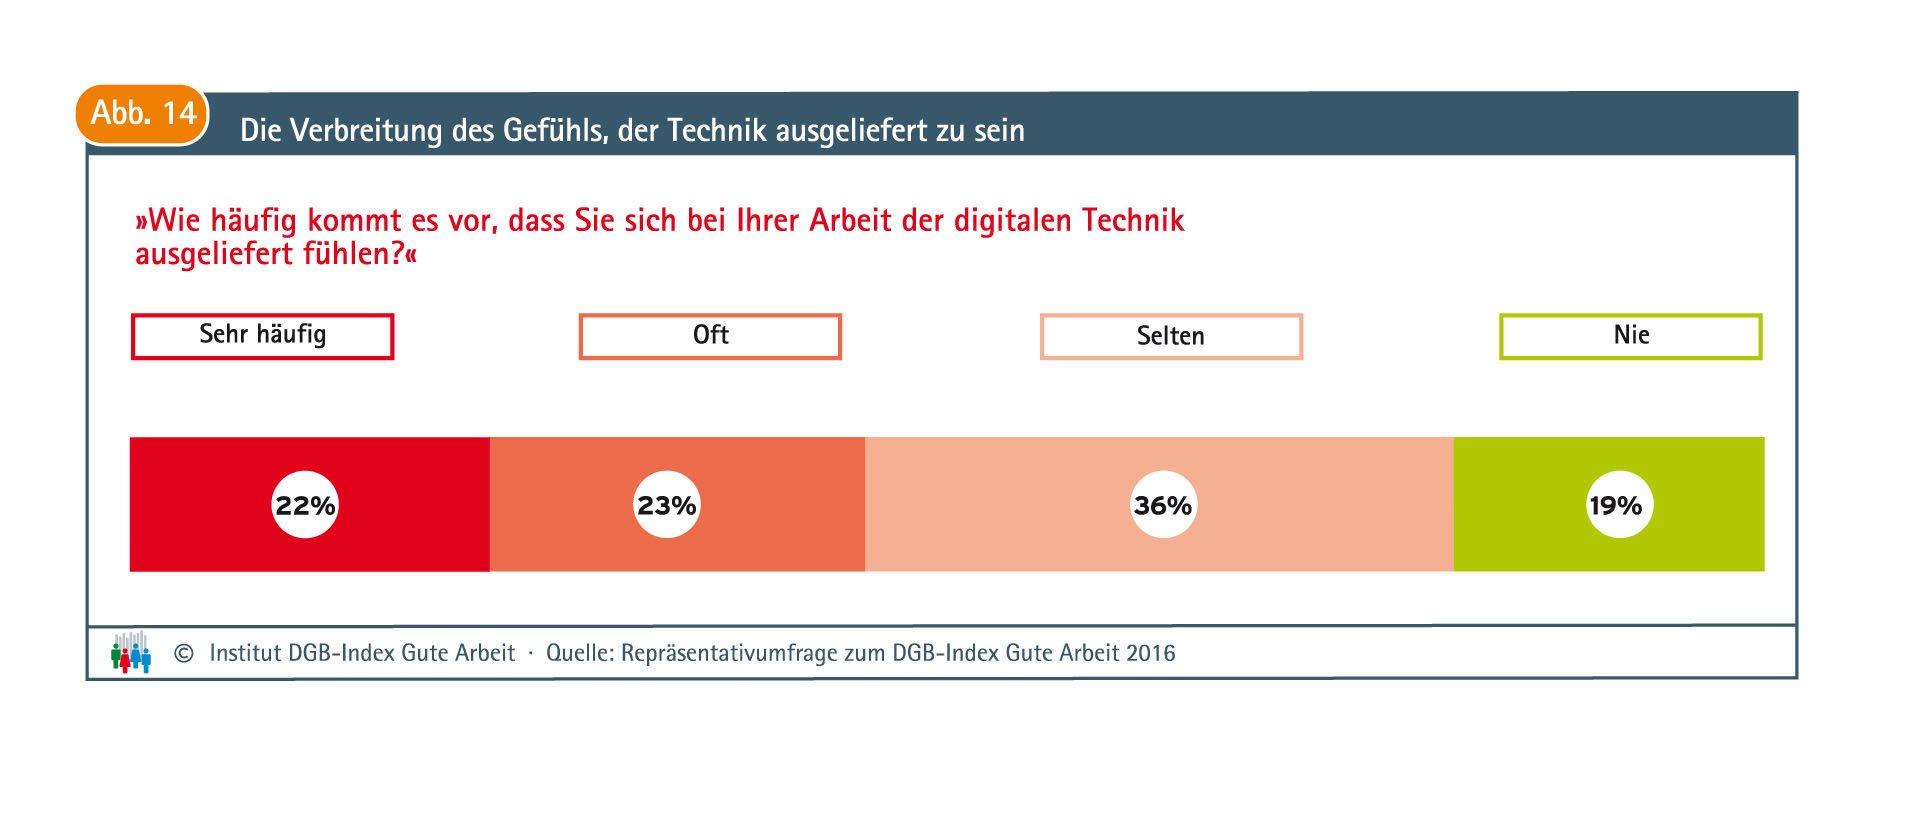 45 % der Befragten fühlen sich sehr häufig oder oft der digitalen Technik am Arbeitsplatz ausgeliefert.